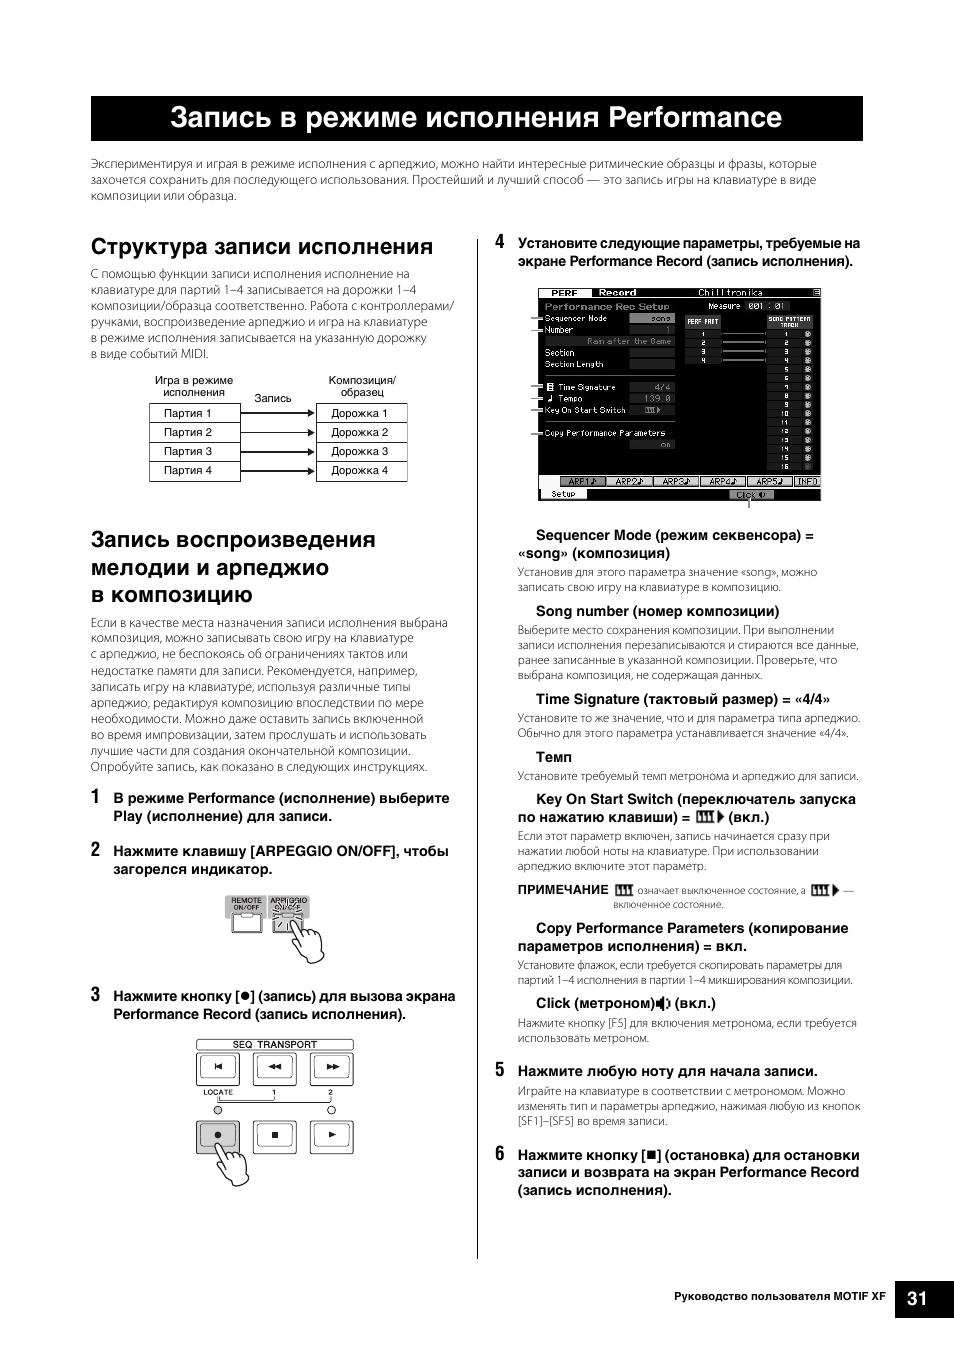 инструкция по эксплуатации мотиф xf6